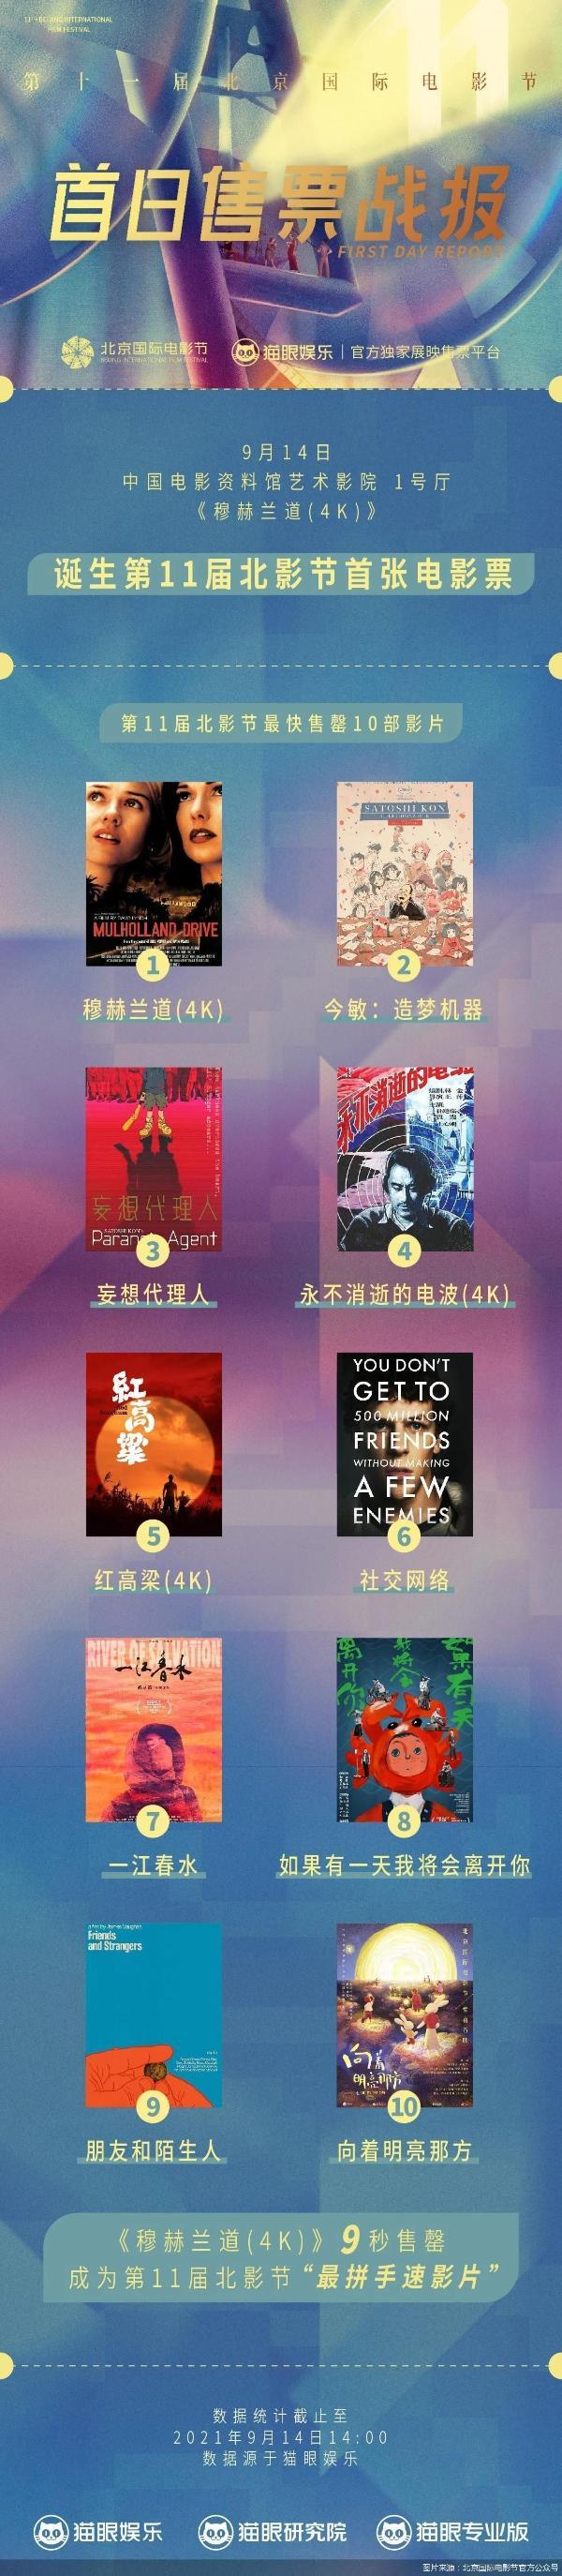 图片来源:北京国际电影节官方公众号